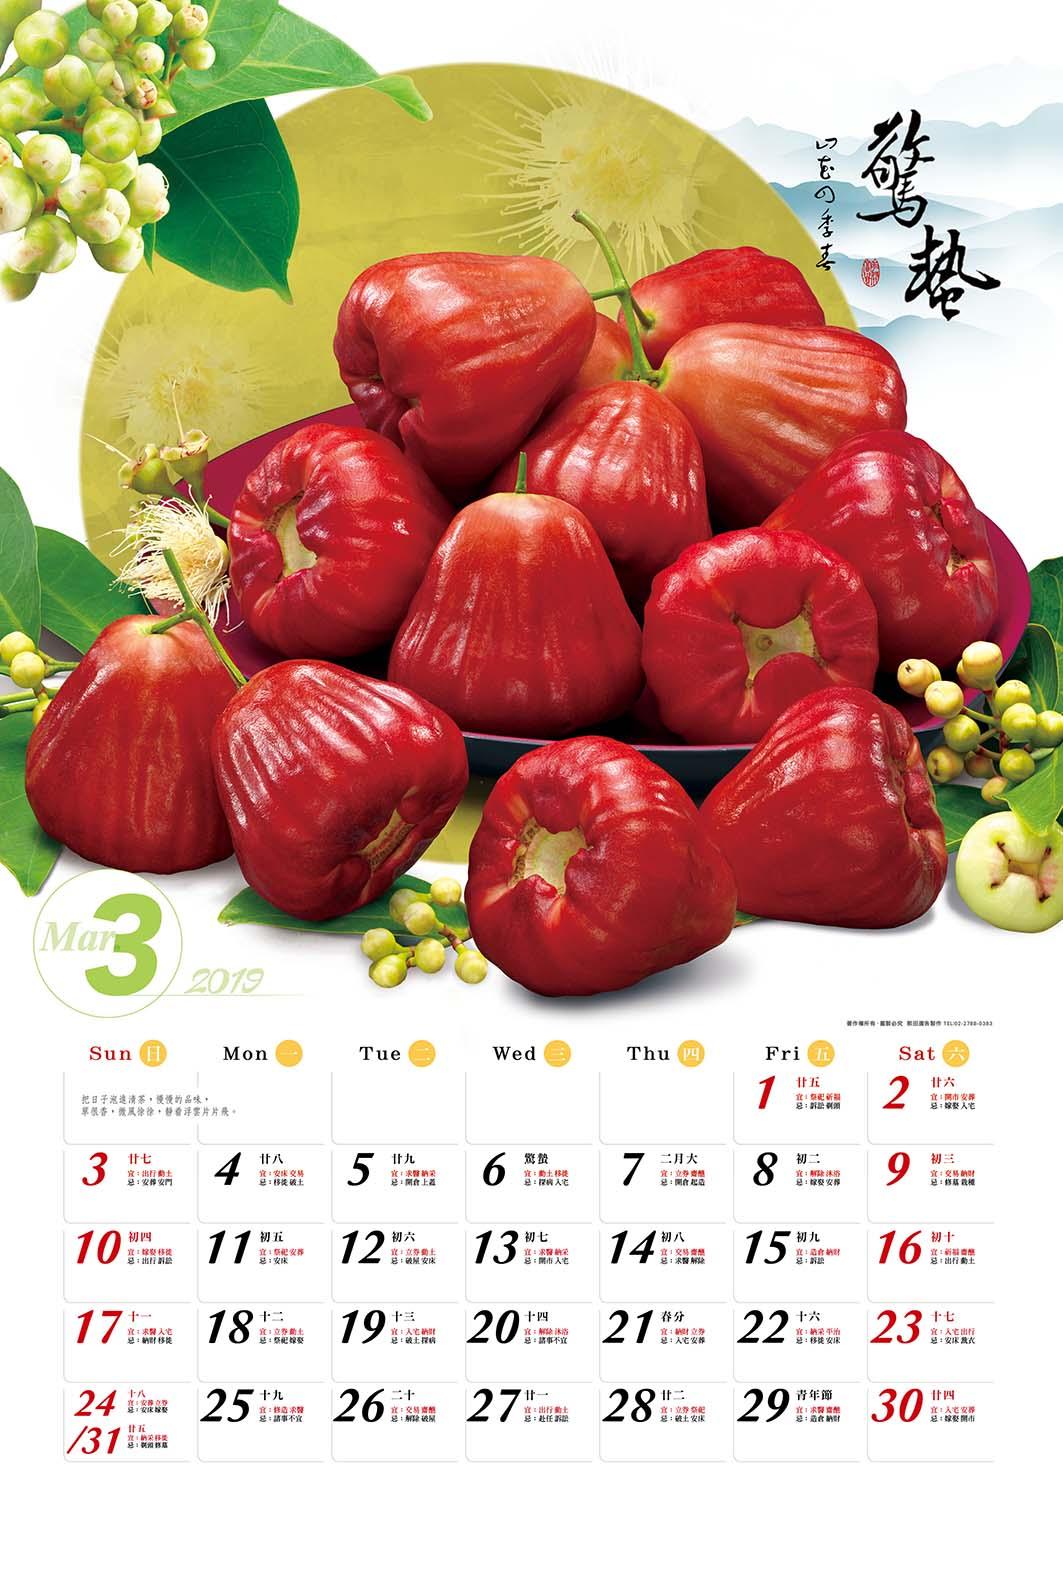 A02_水果月曆封面_3月.jpg